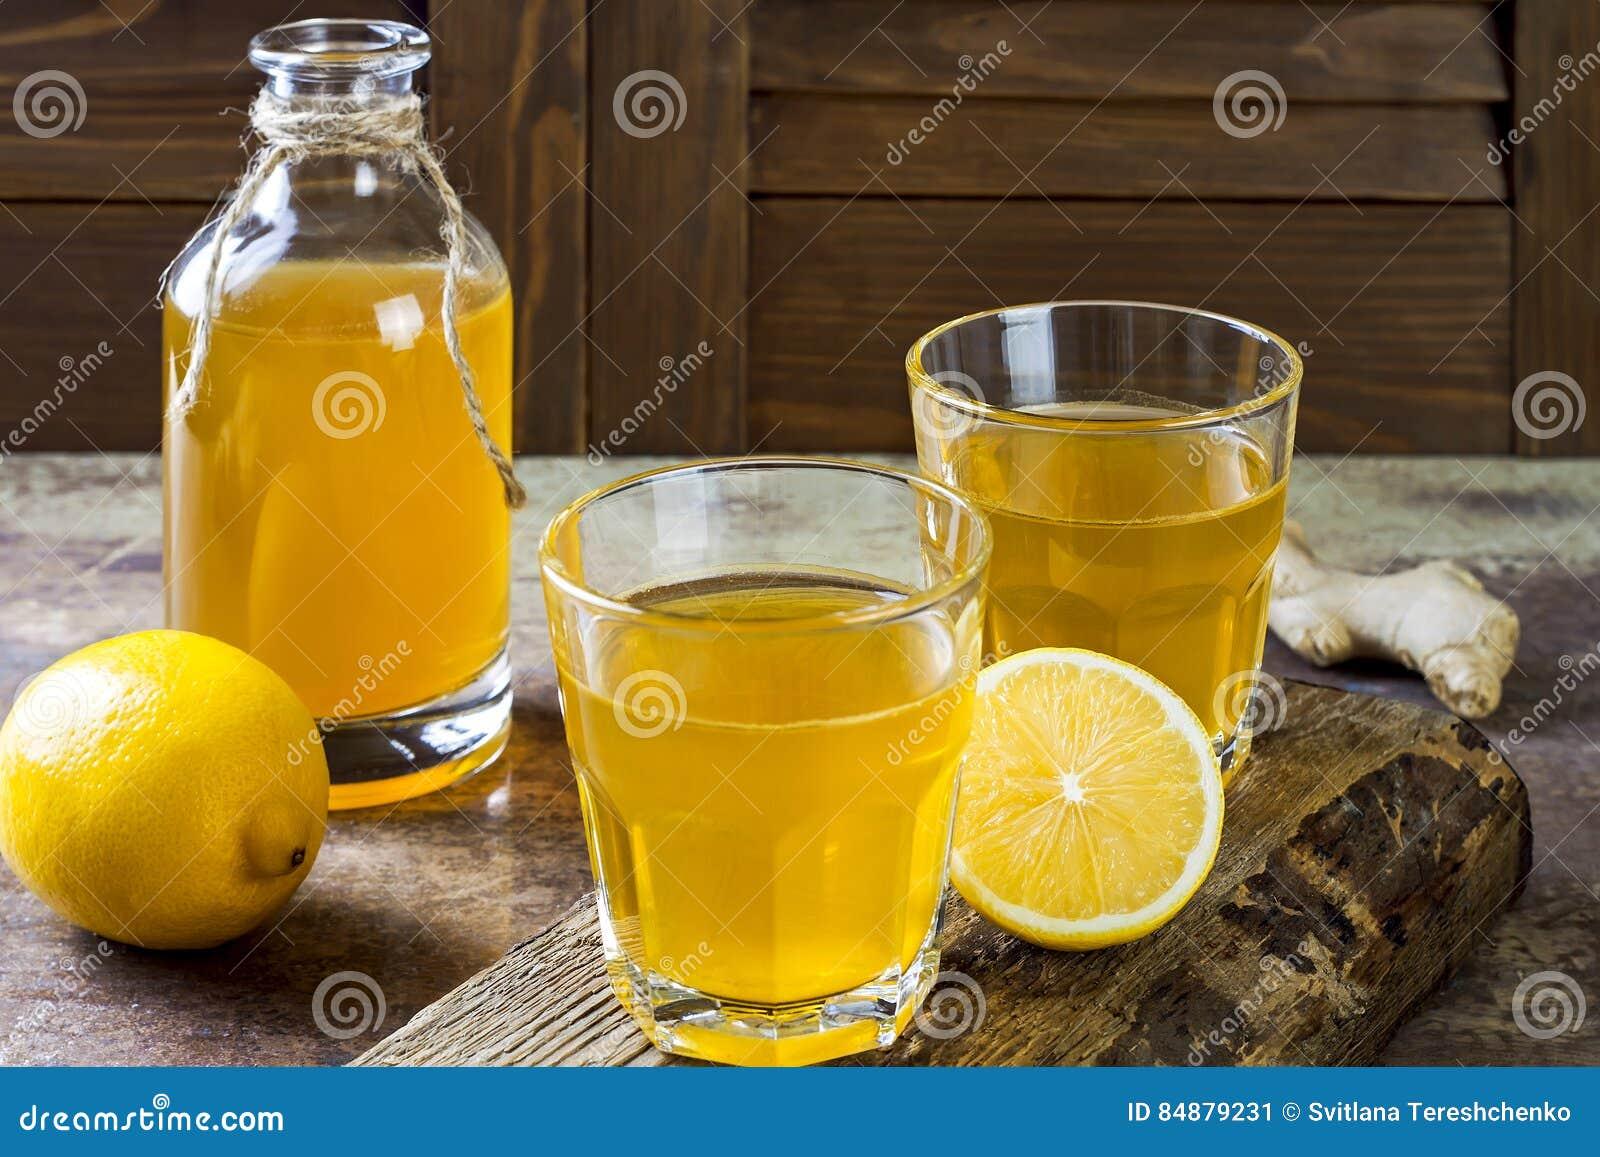 Chá cru fermentado caseiro do kombucha do limão do gengibre Bebida flavored probiótico natural saudável Copie o espaço